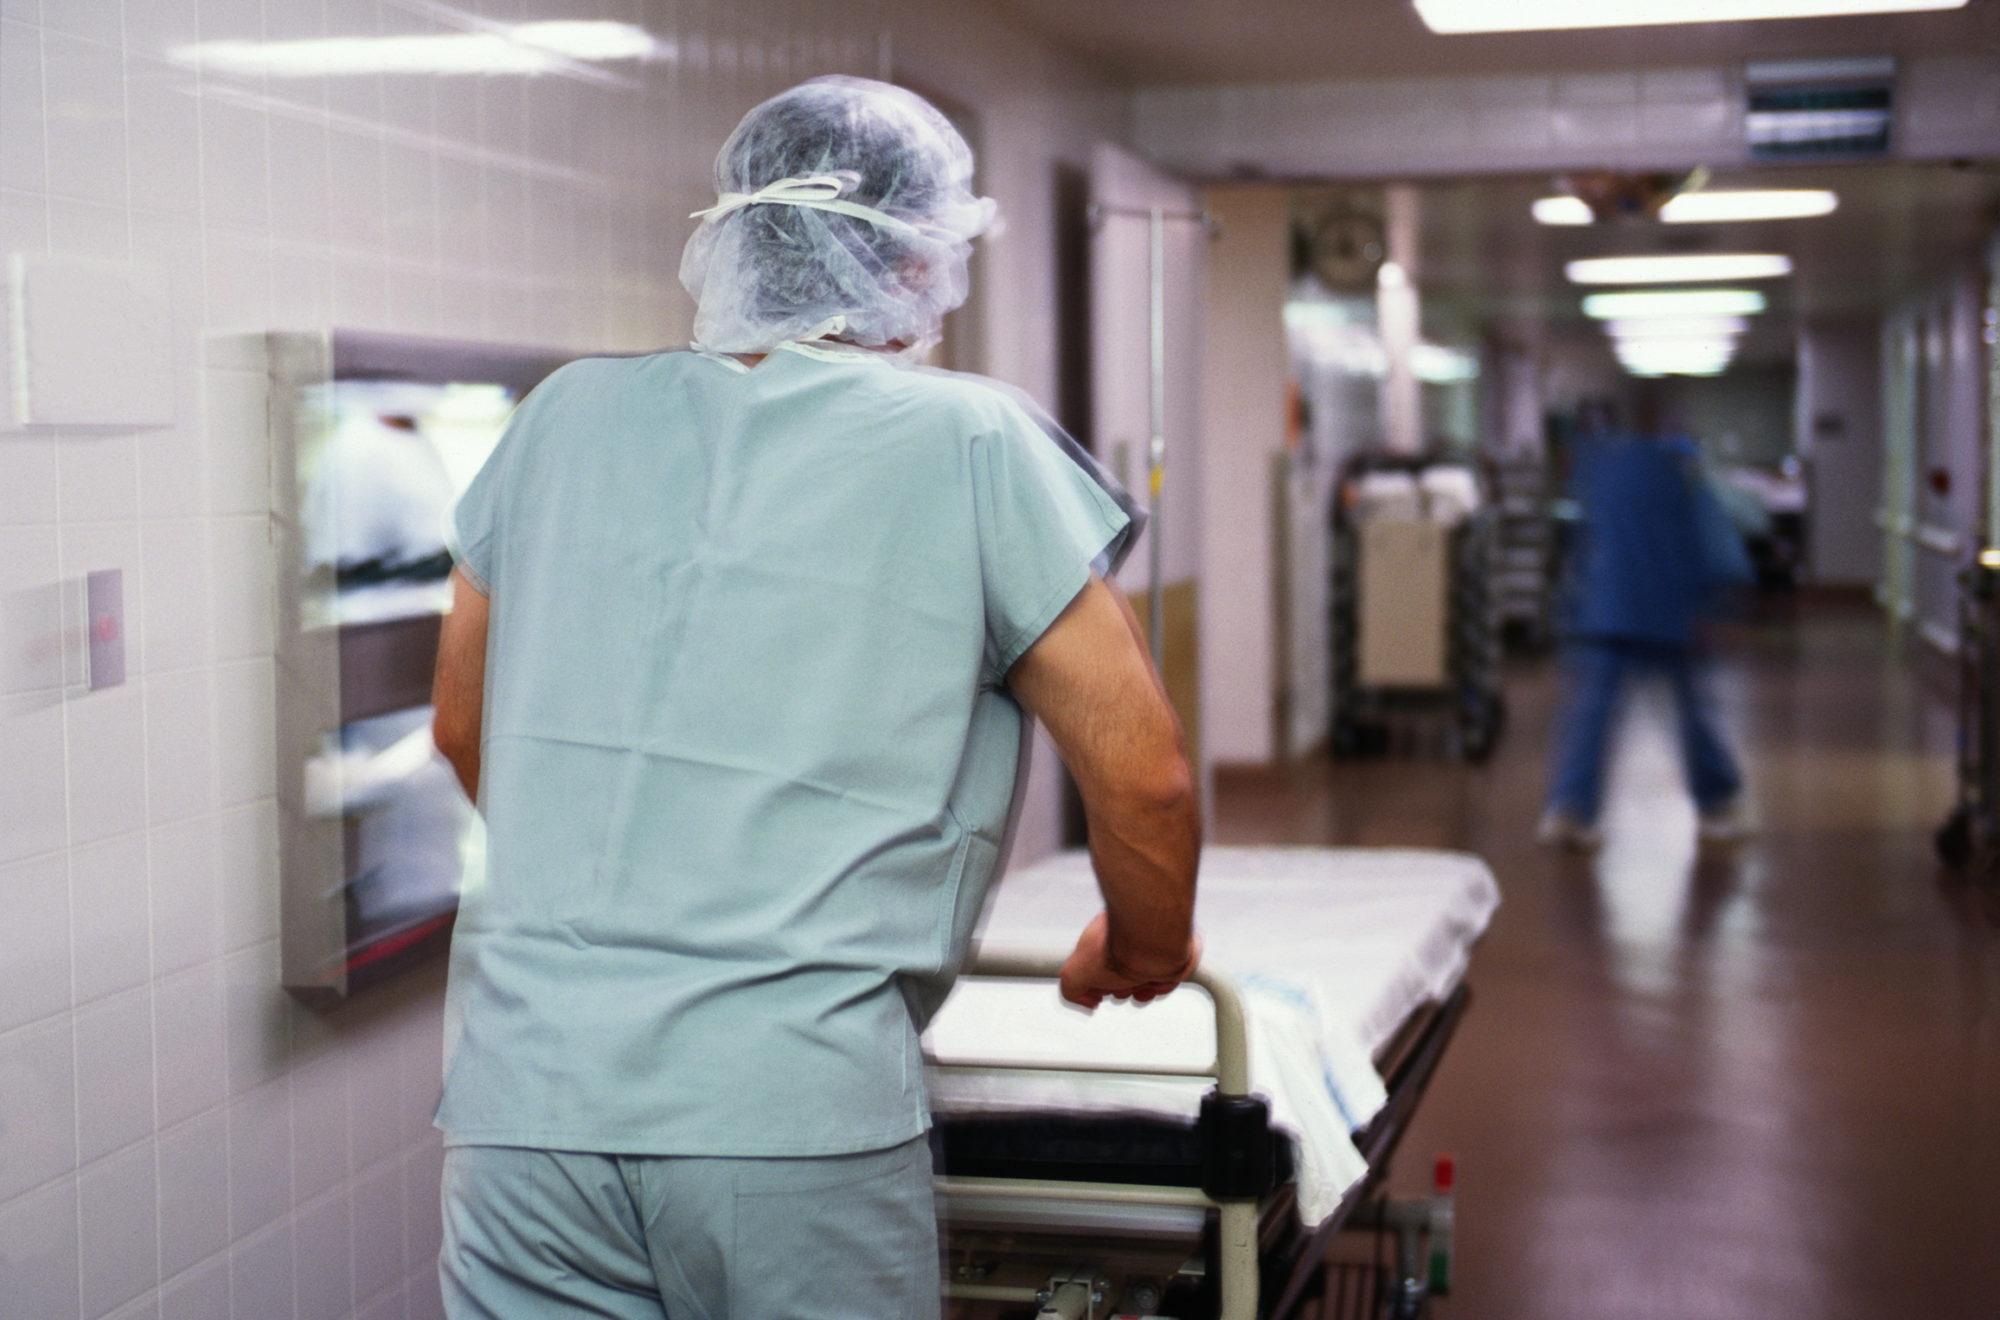 Переяславець потрапив до лікарні штрикнувши себе в живіт -  - pic 4 2000x1320